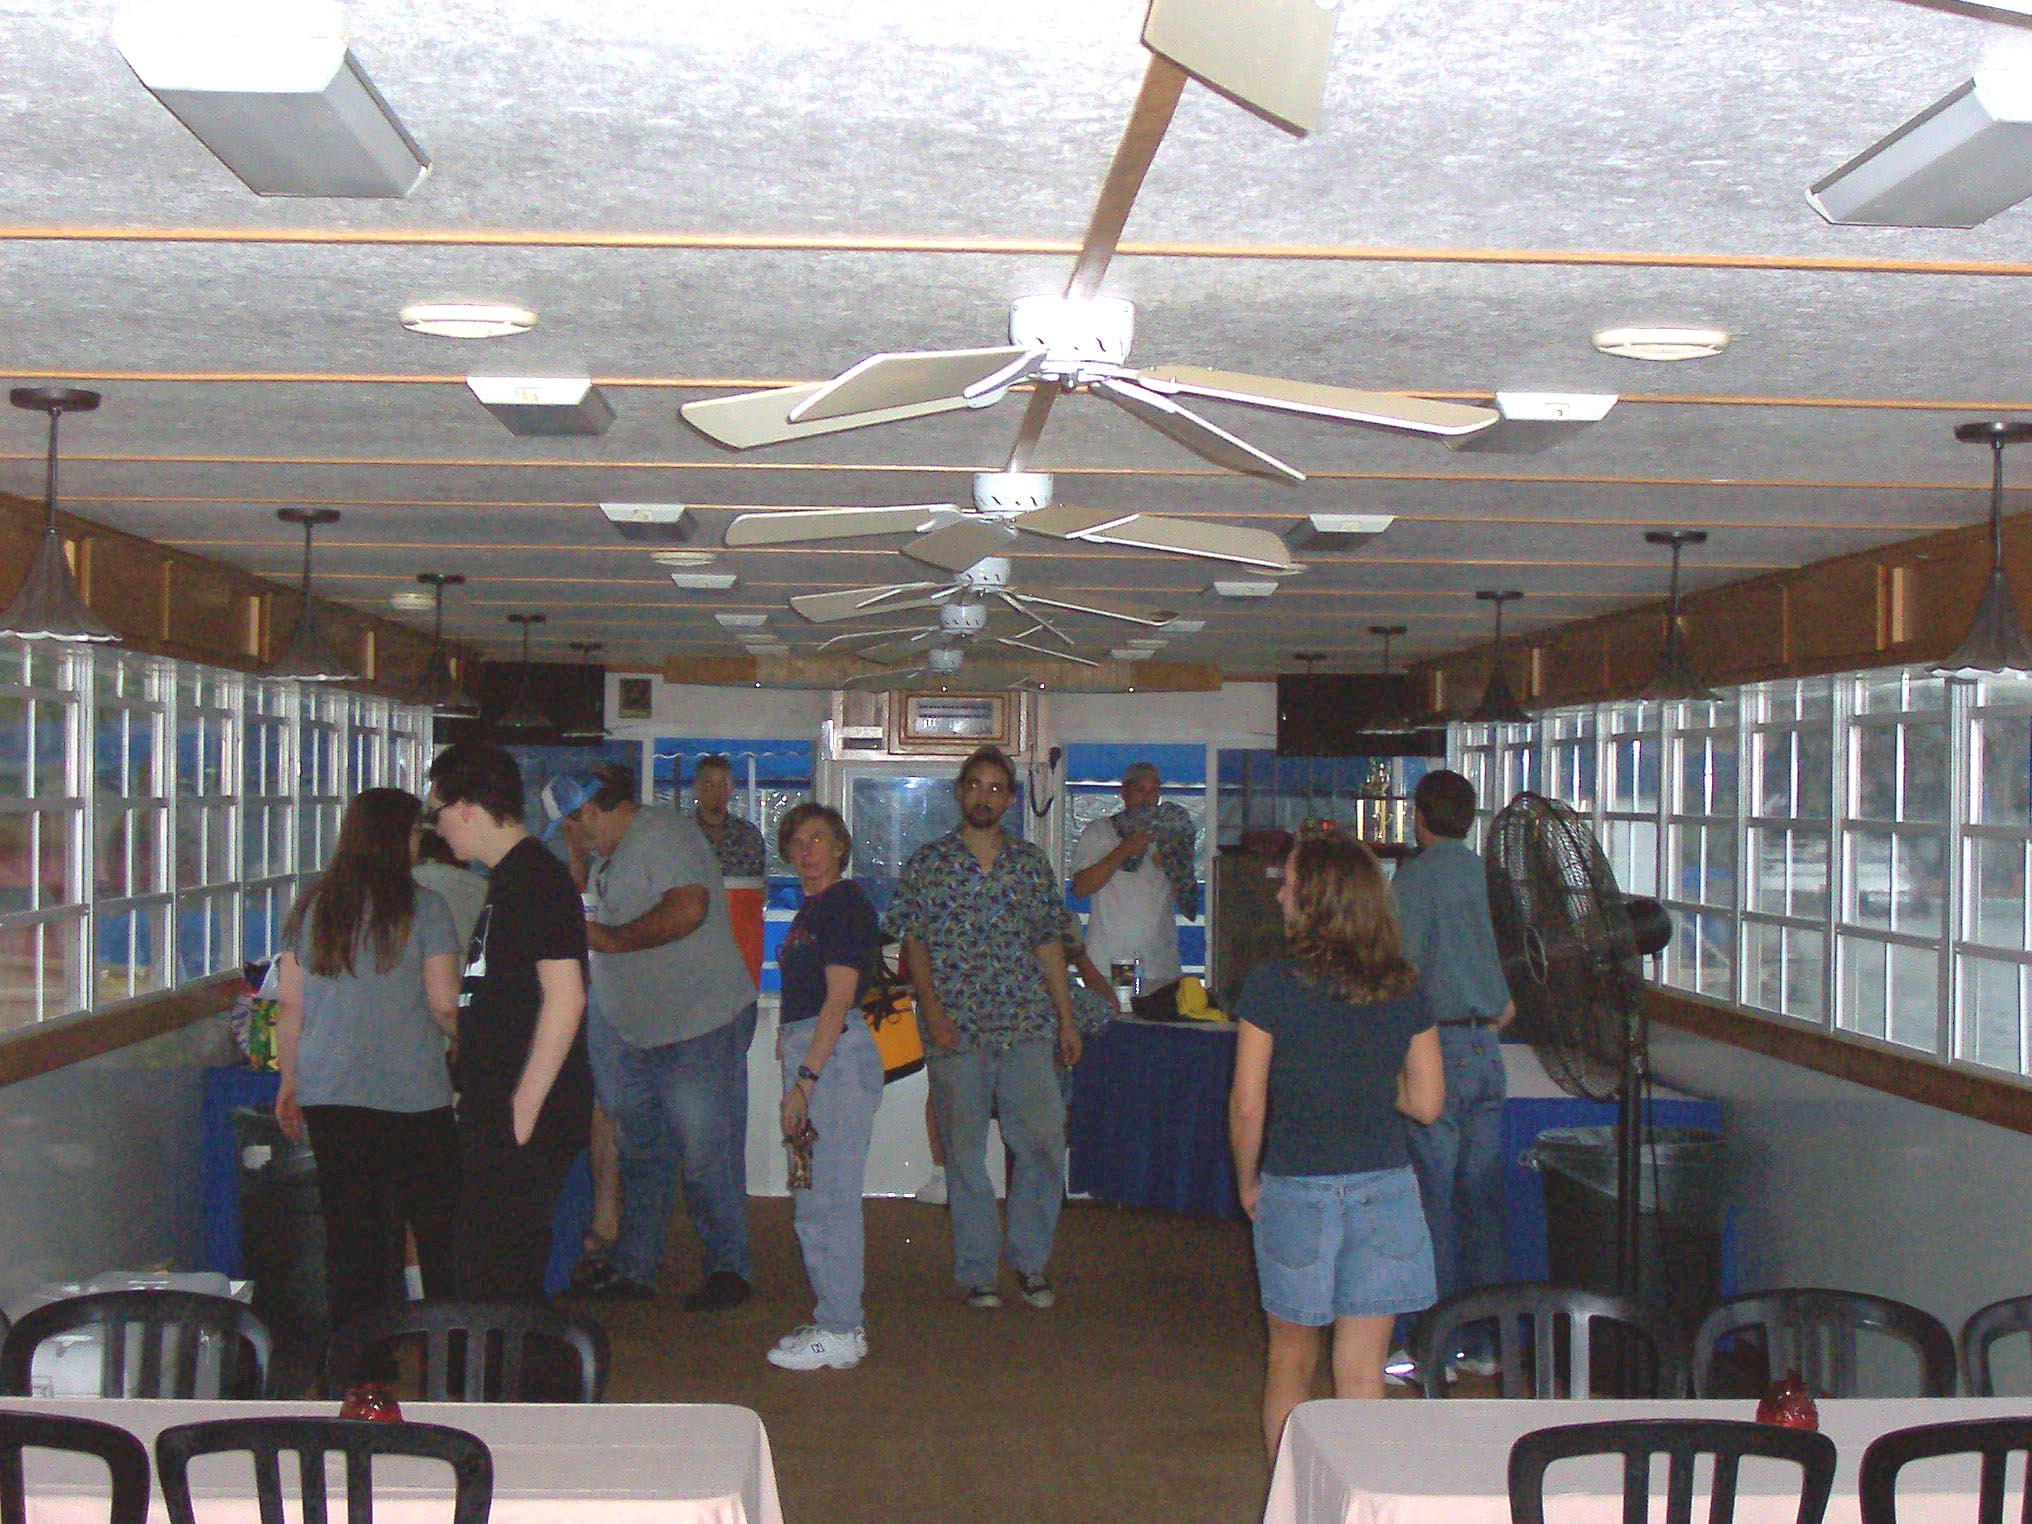 ACAers inside the cruise boat, September 2006